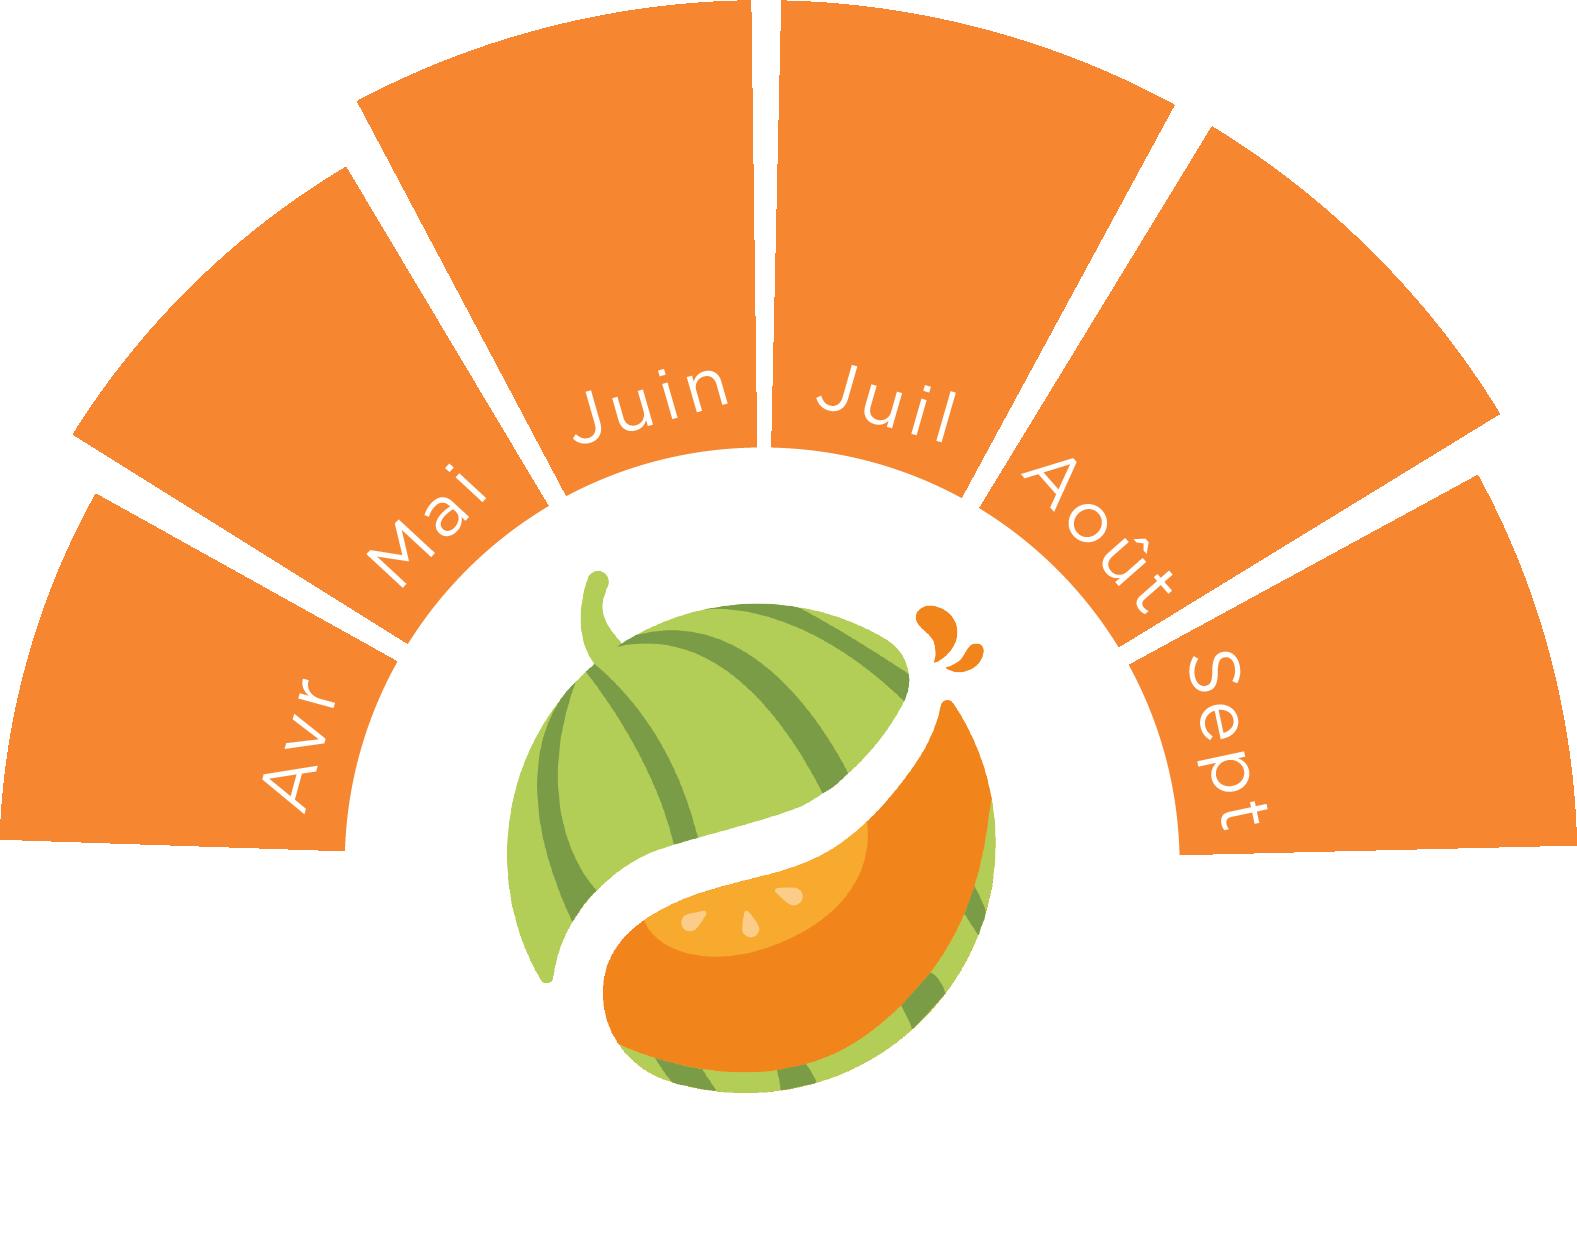 saison du melon